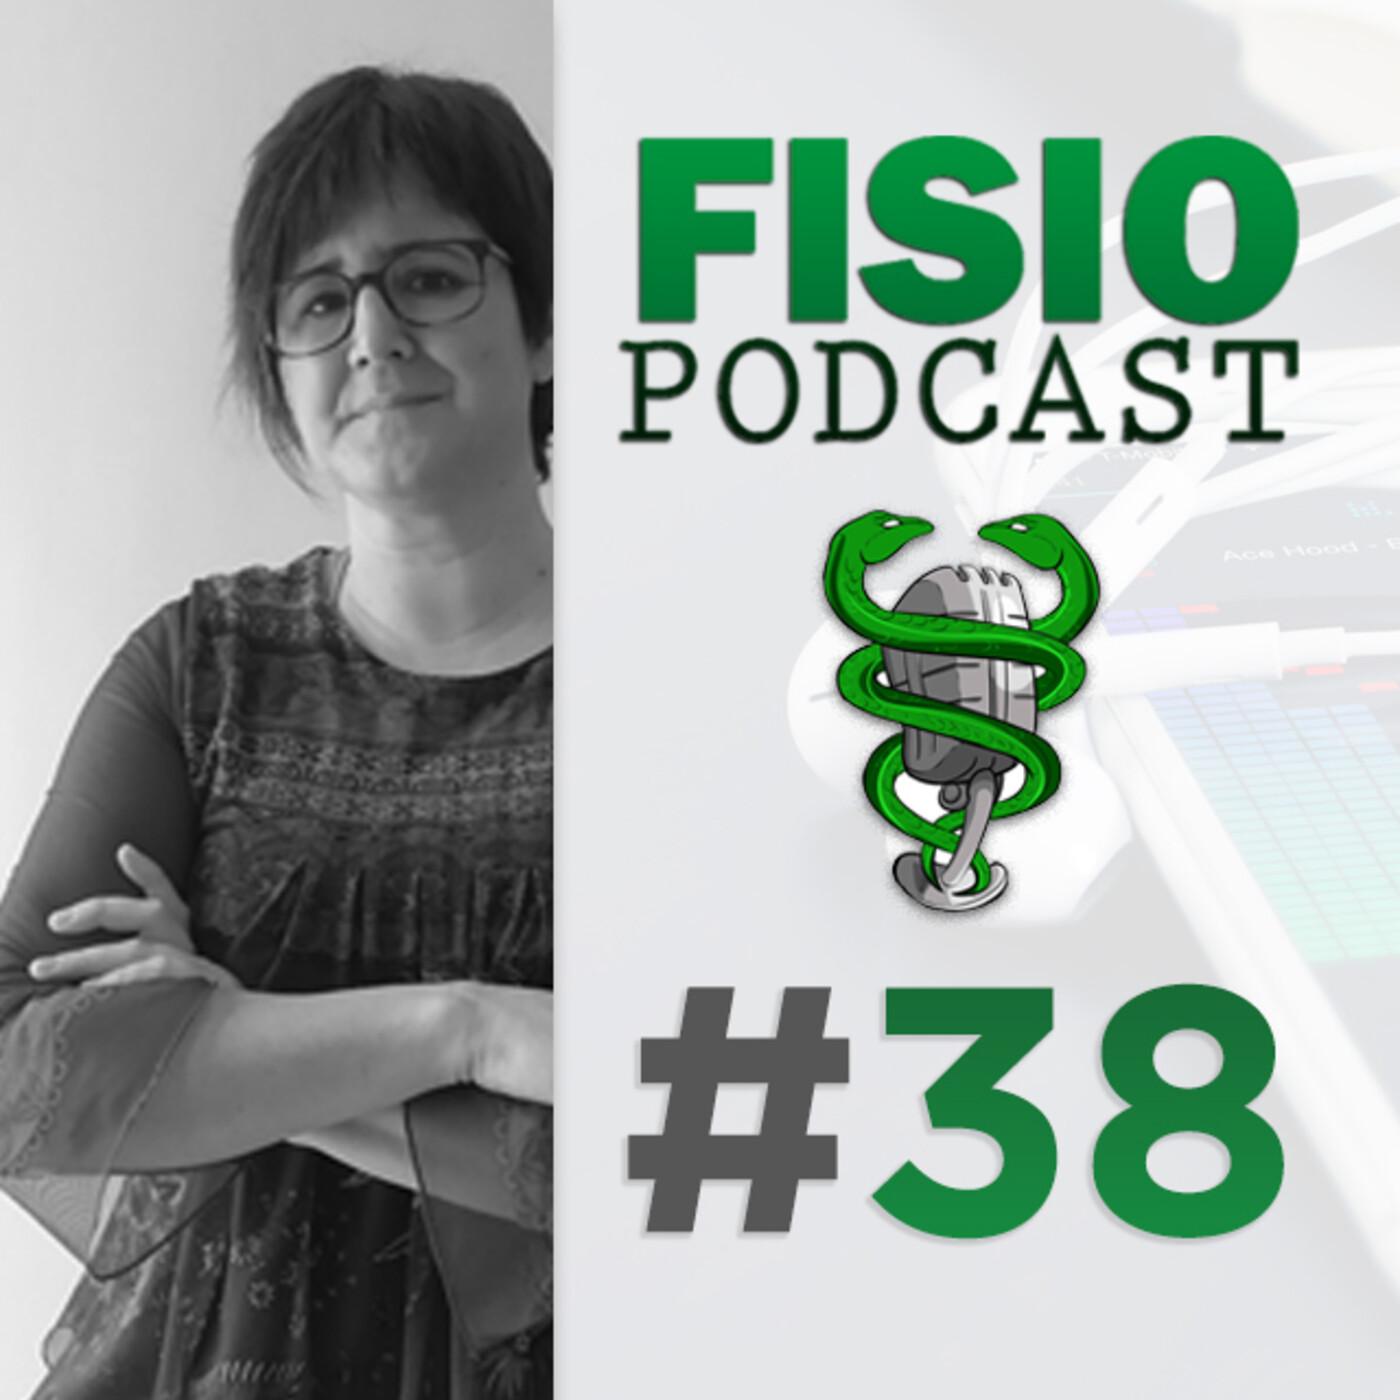 #38 Fisioterapia Digital, con Iosune Salinas (2/2)